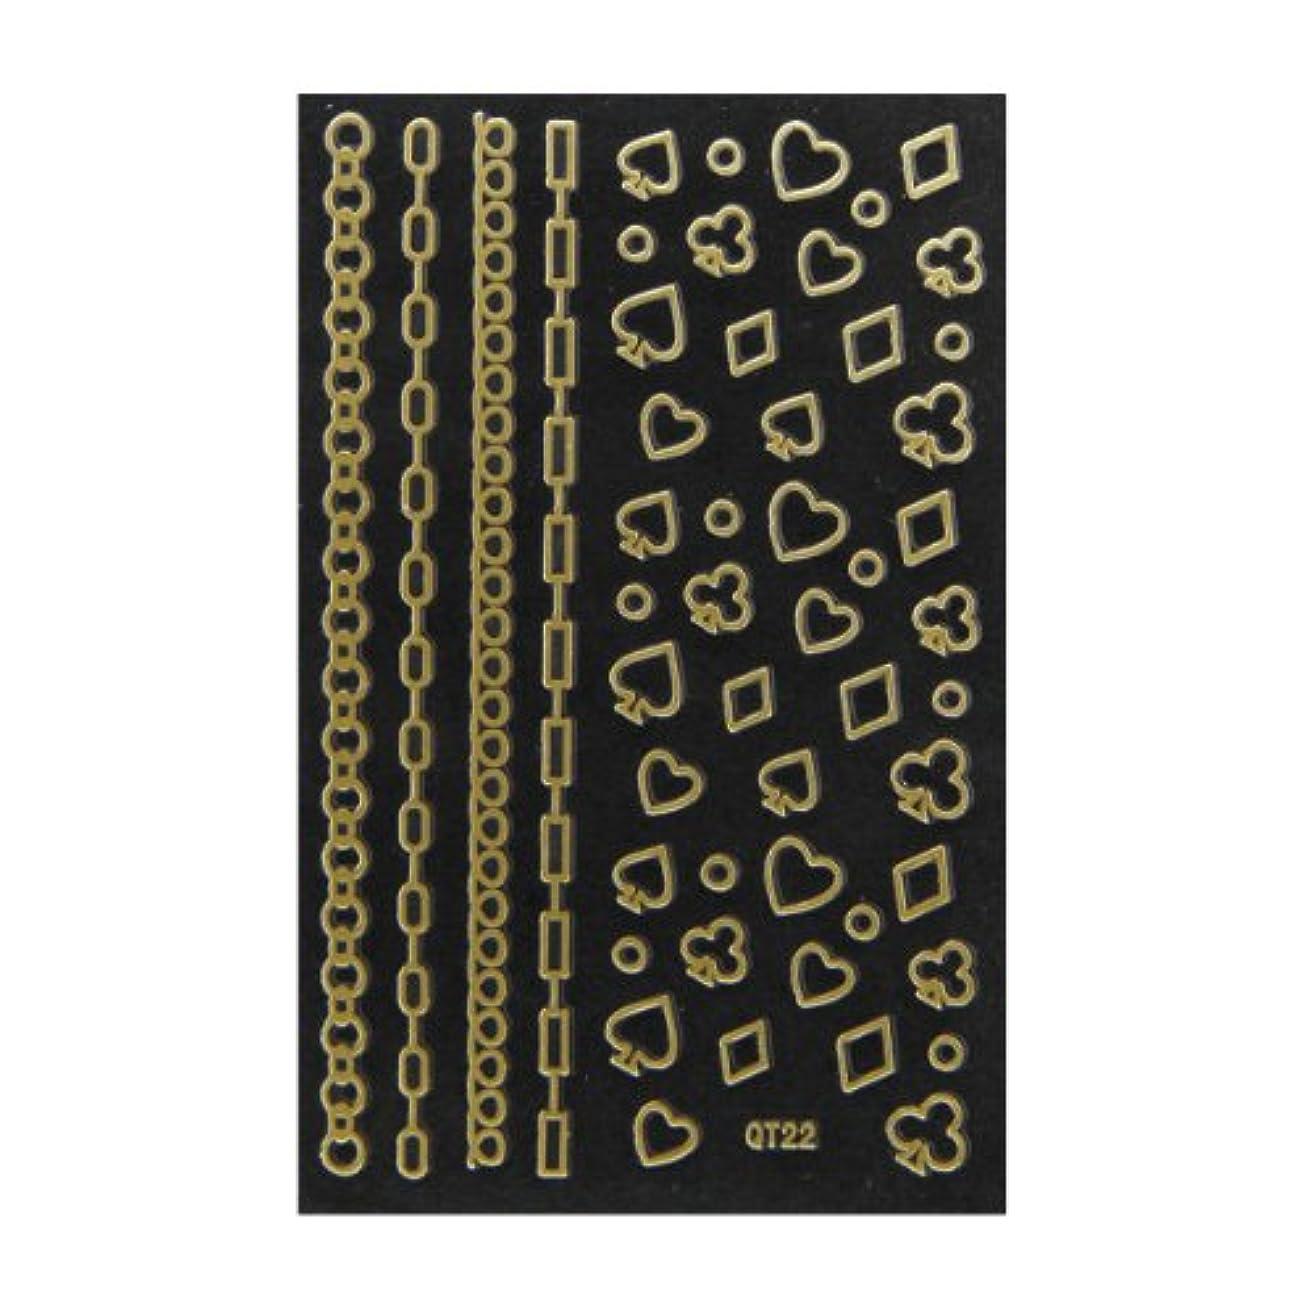 アルミニウムおばさん食事ネイルシール 3D ネイルシート ファッションネイル メタリックシール22 (ネイル用品)